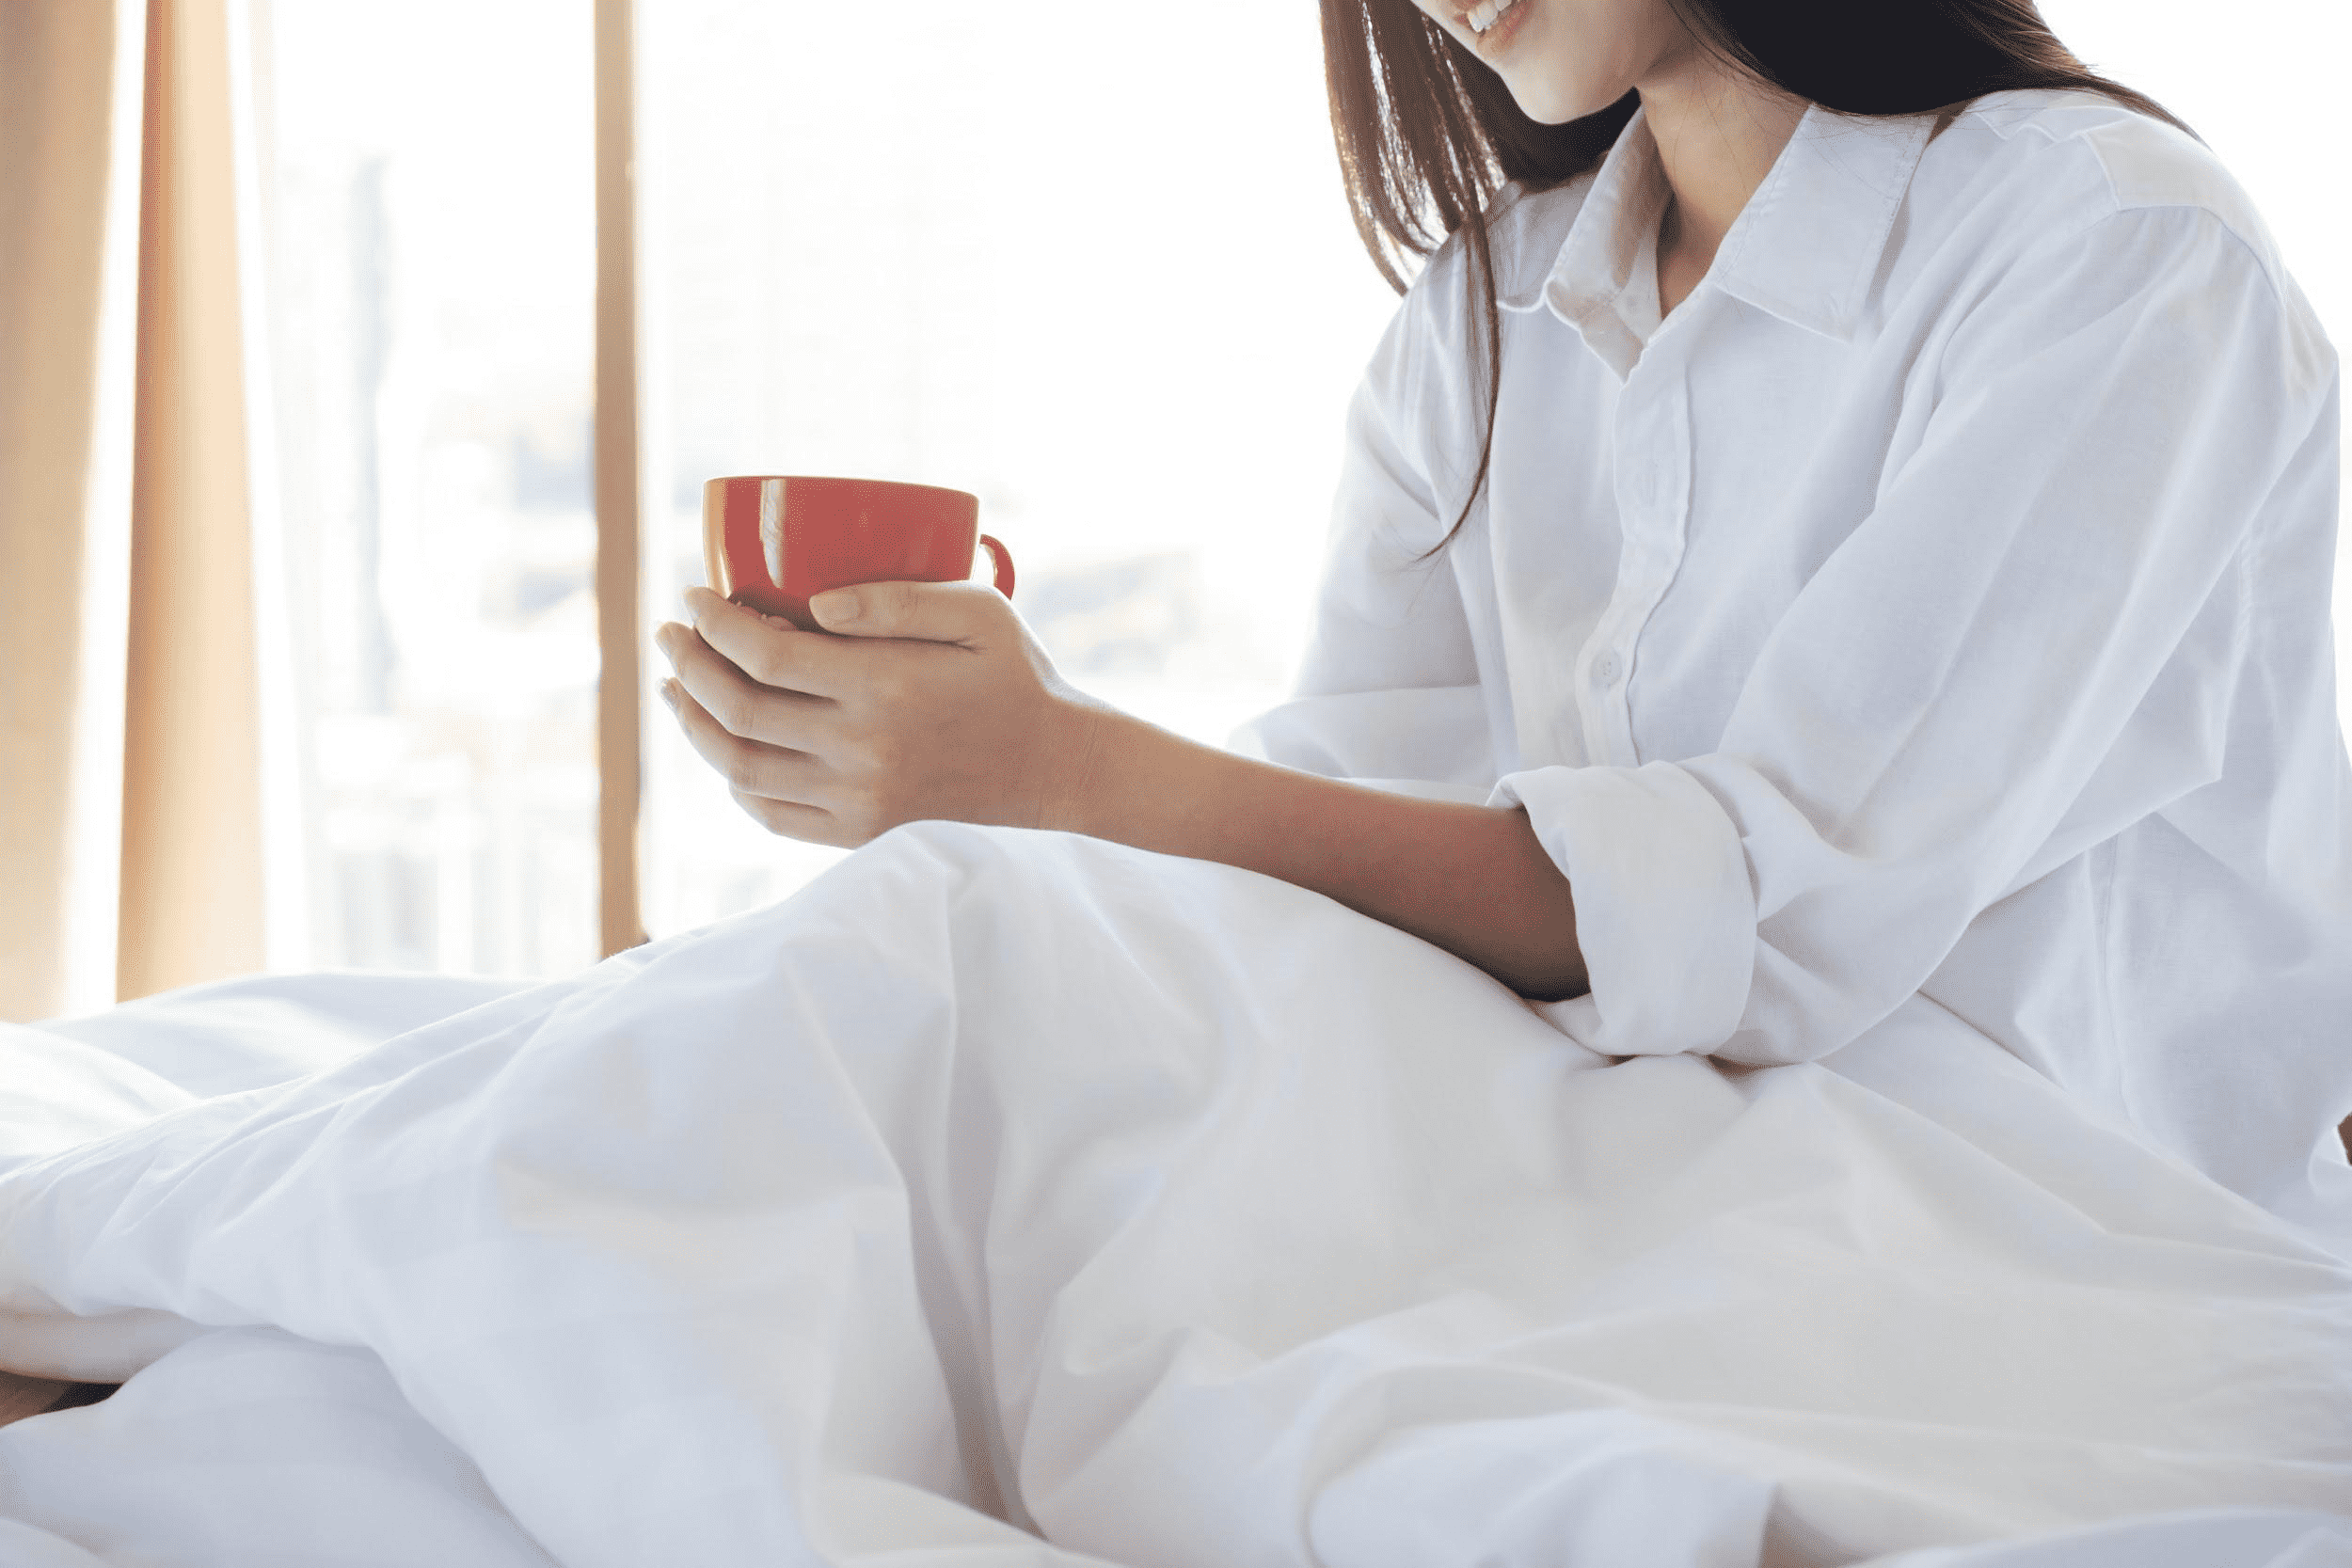 O calor propaga-se do café para a xícara e da xícara para a mão por meio de condução.